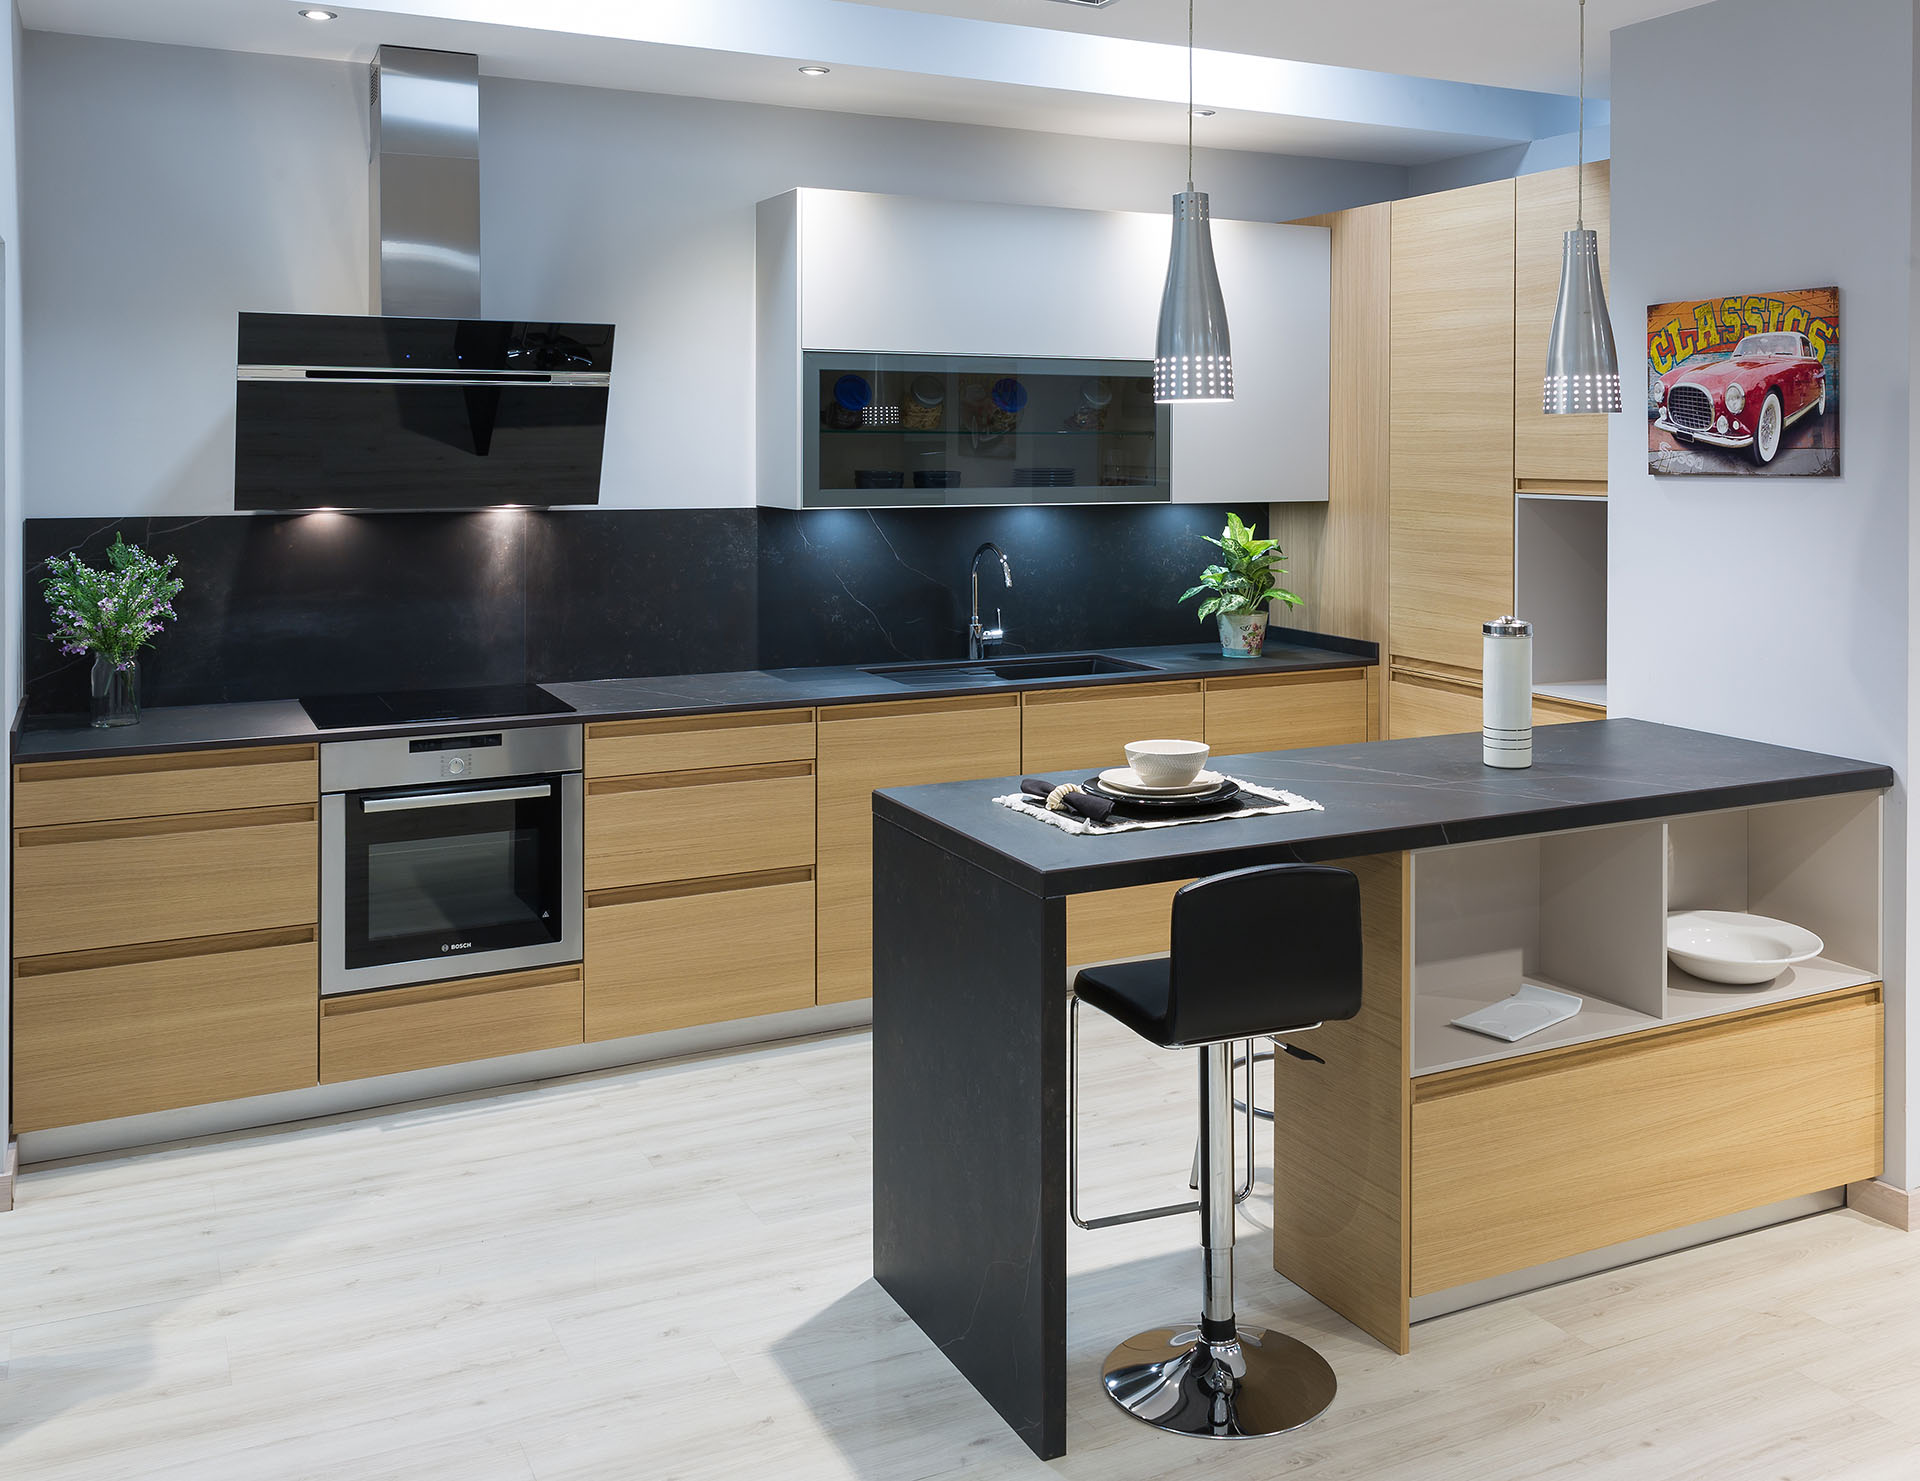 La madera el referente de una cocina con estilo cocinas rio for Ideas para cocinas integrales